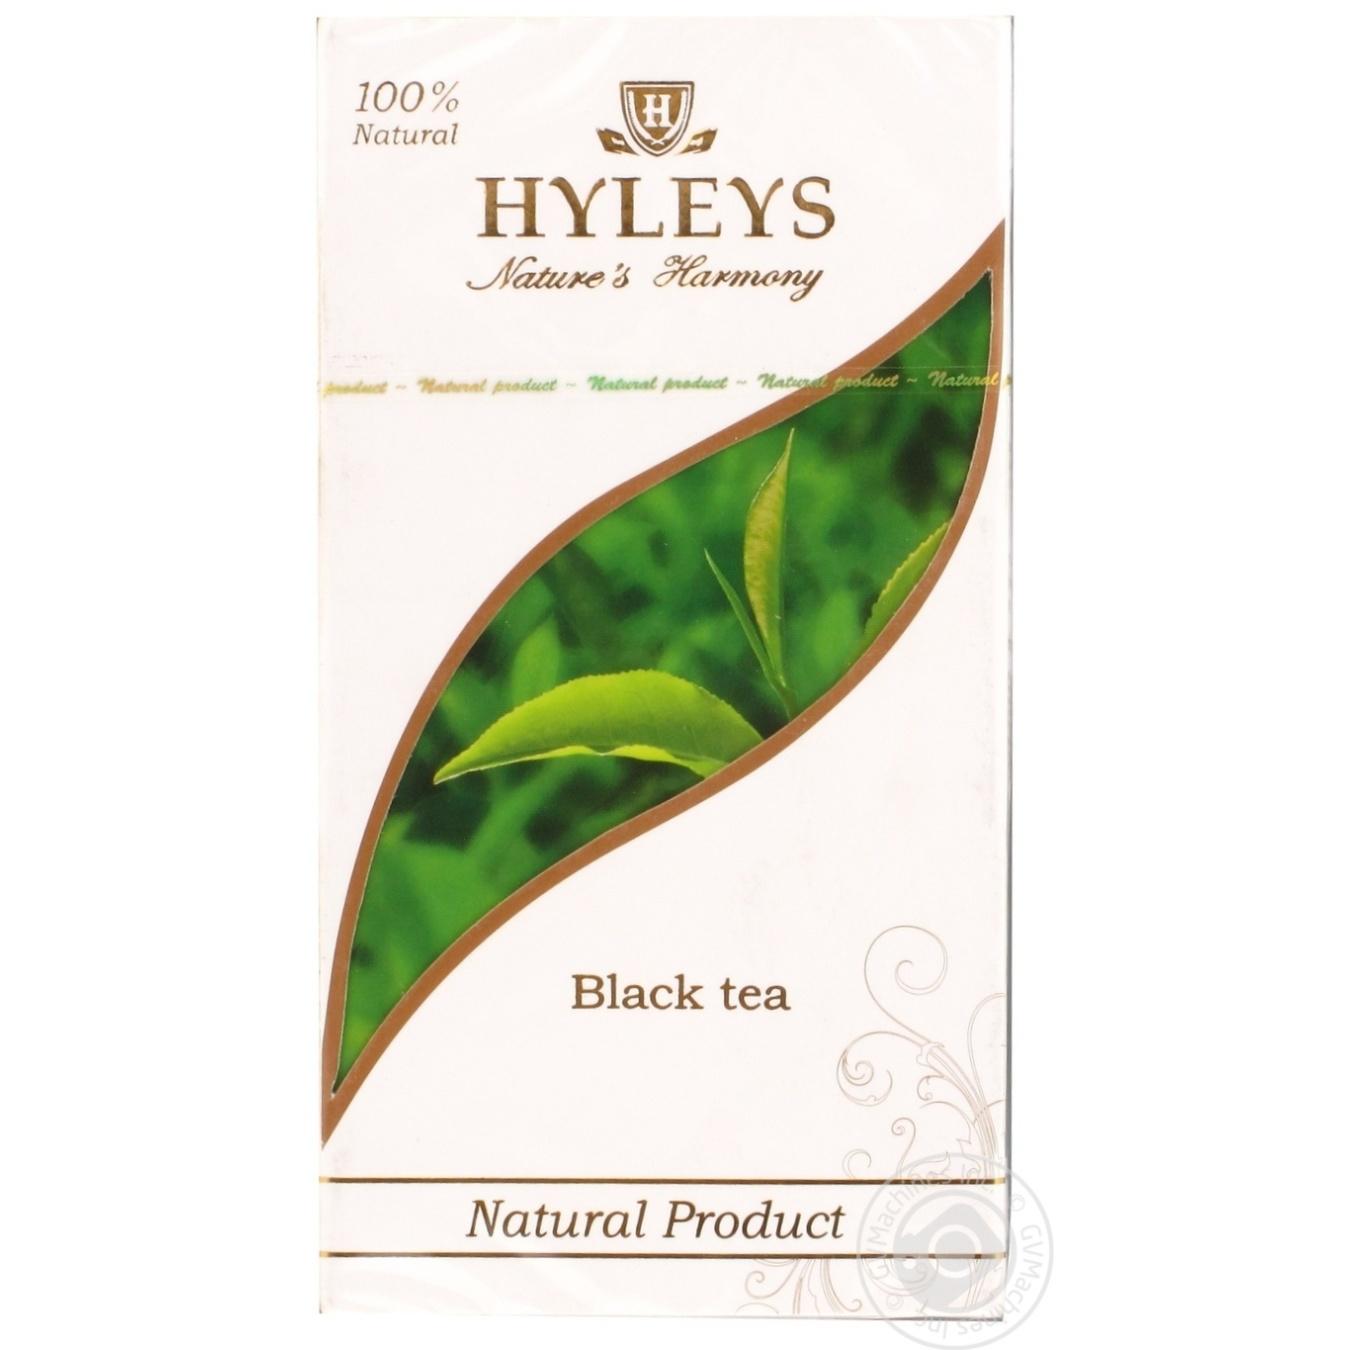 Купить Черный чай Хэйлис цейлонский байховый в пакетиках 25х2г Шри-Ланка